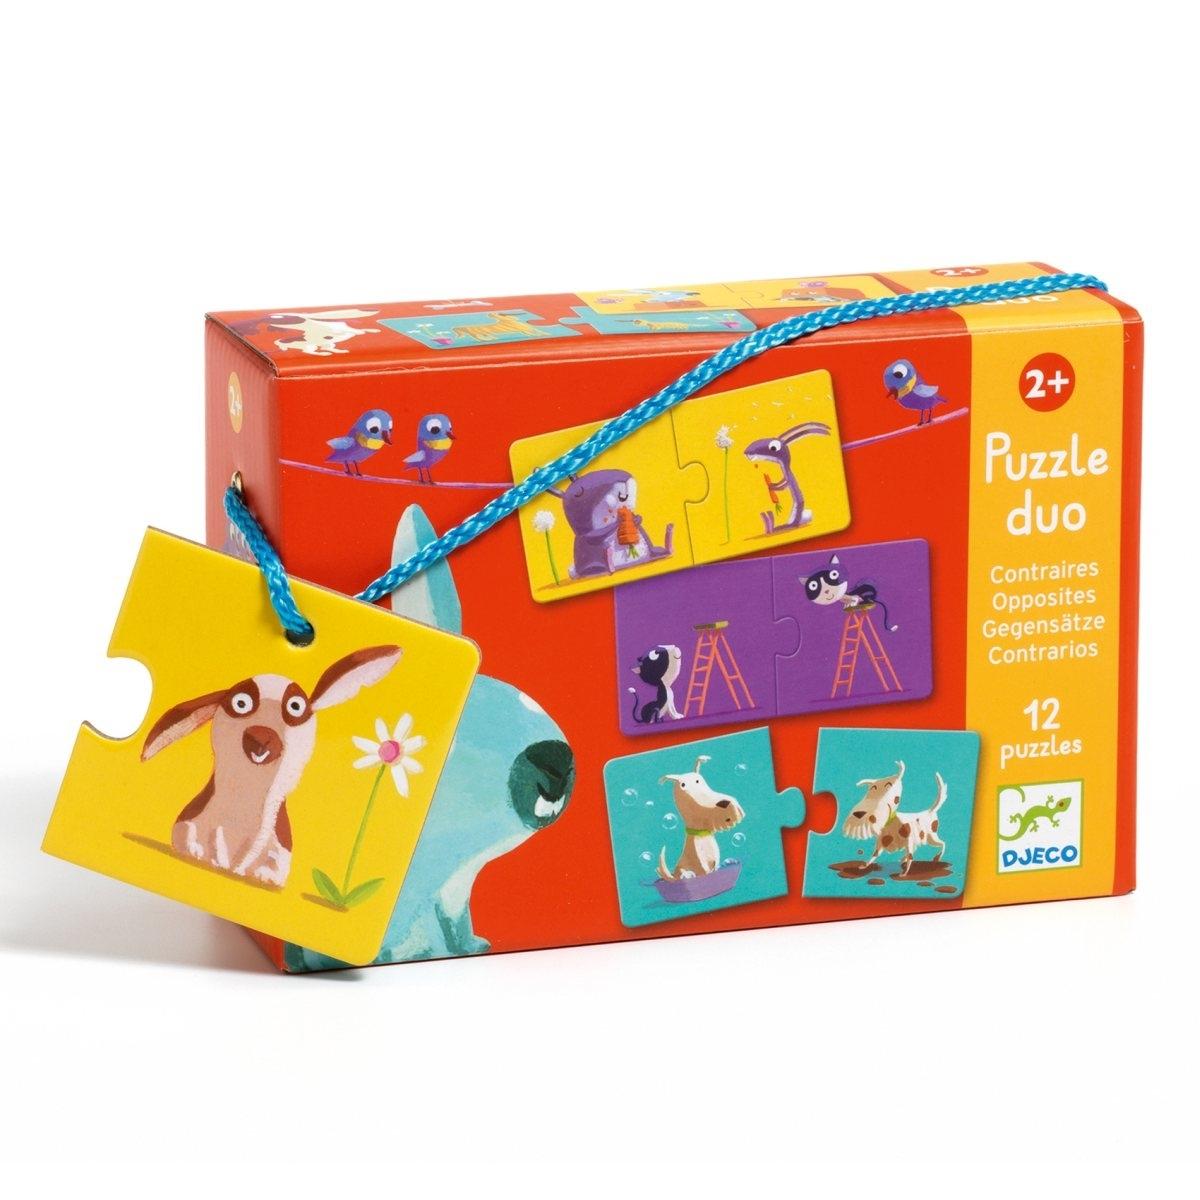 Djeco - Puzzle Duo Gegensätze